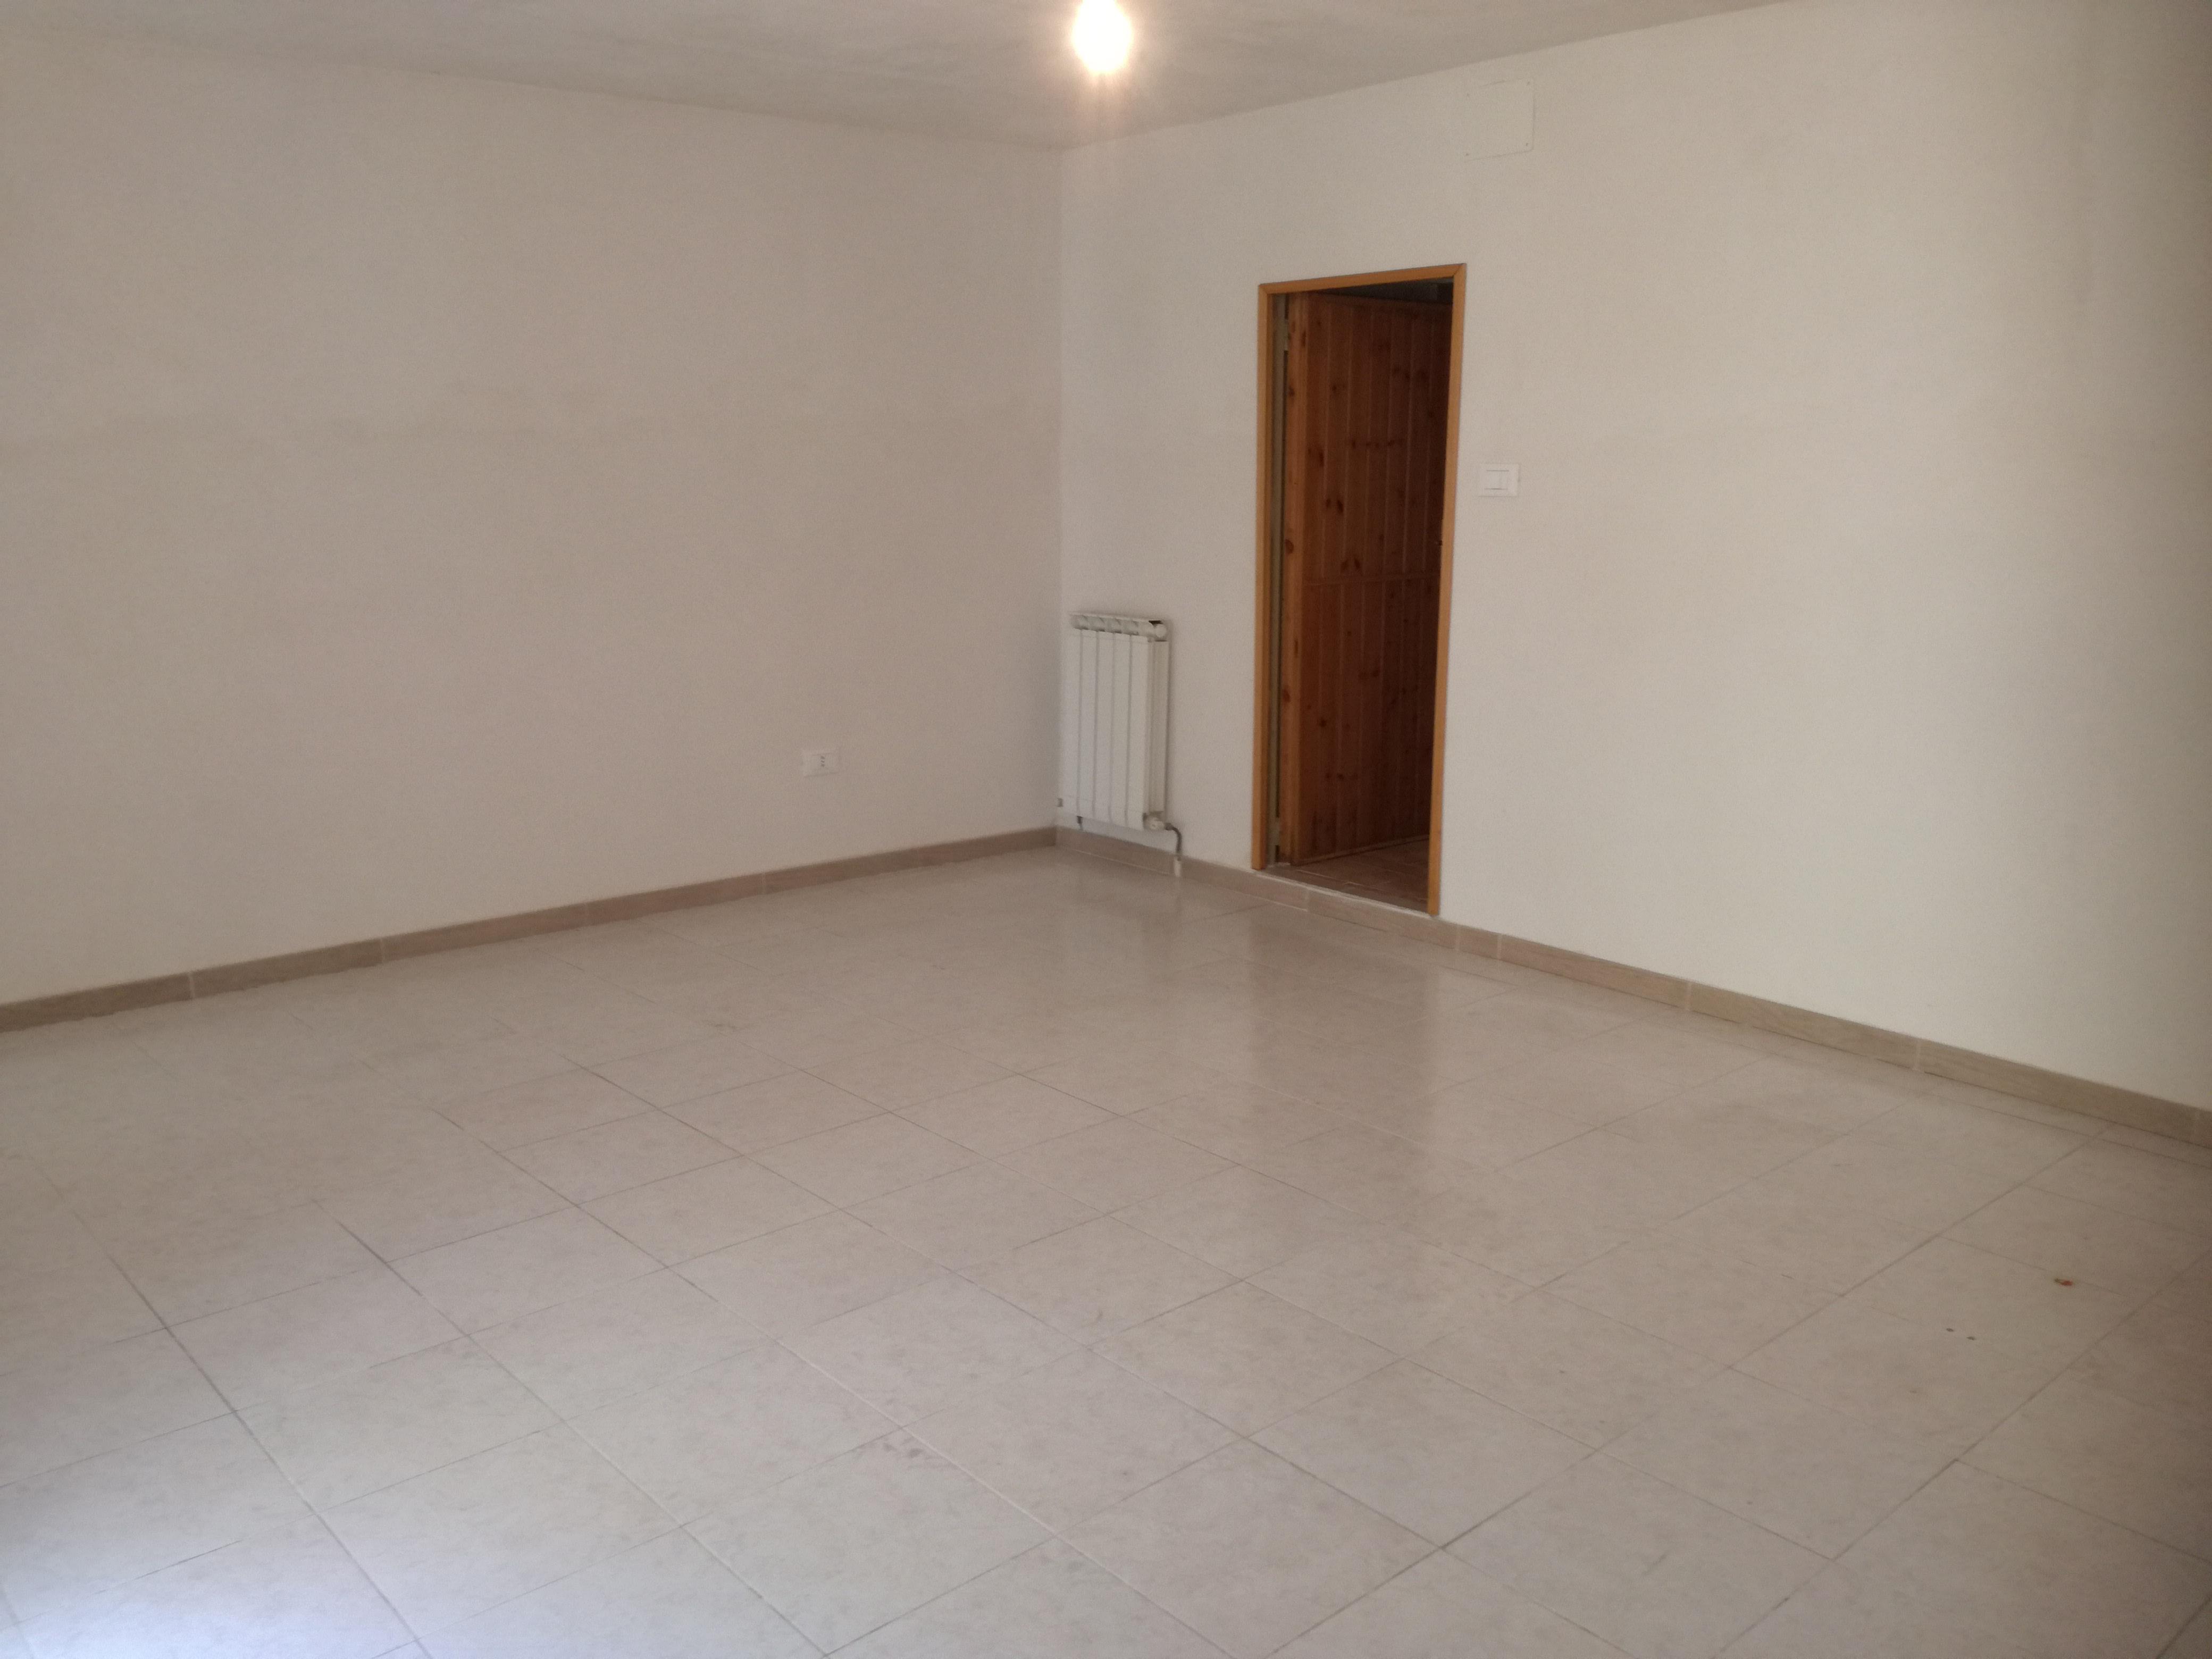 Appartamento con ingresso indipendente ristrutturato